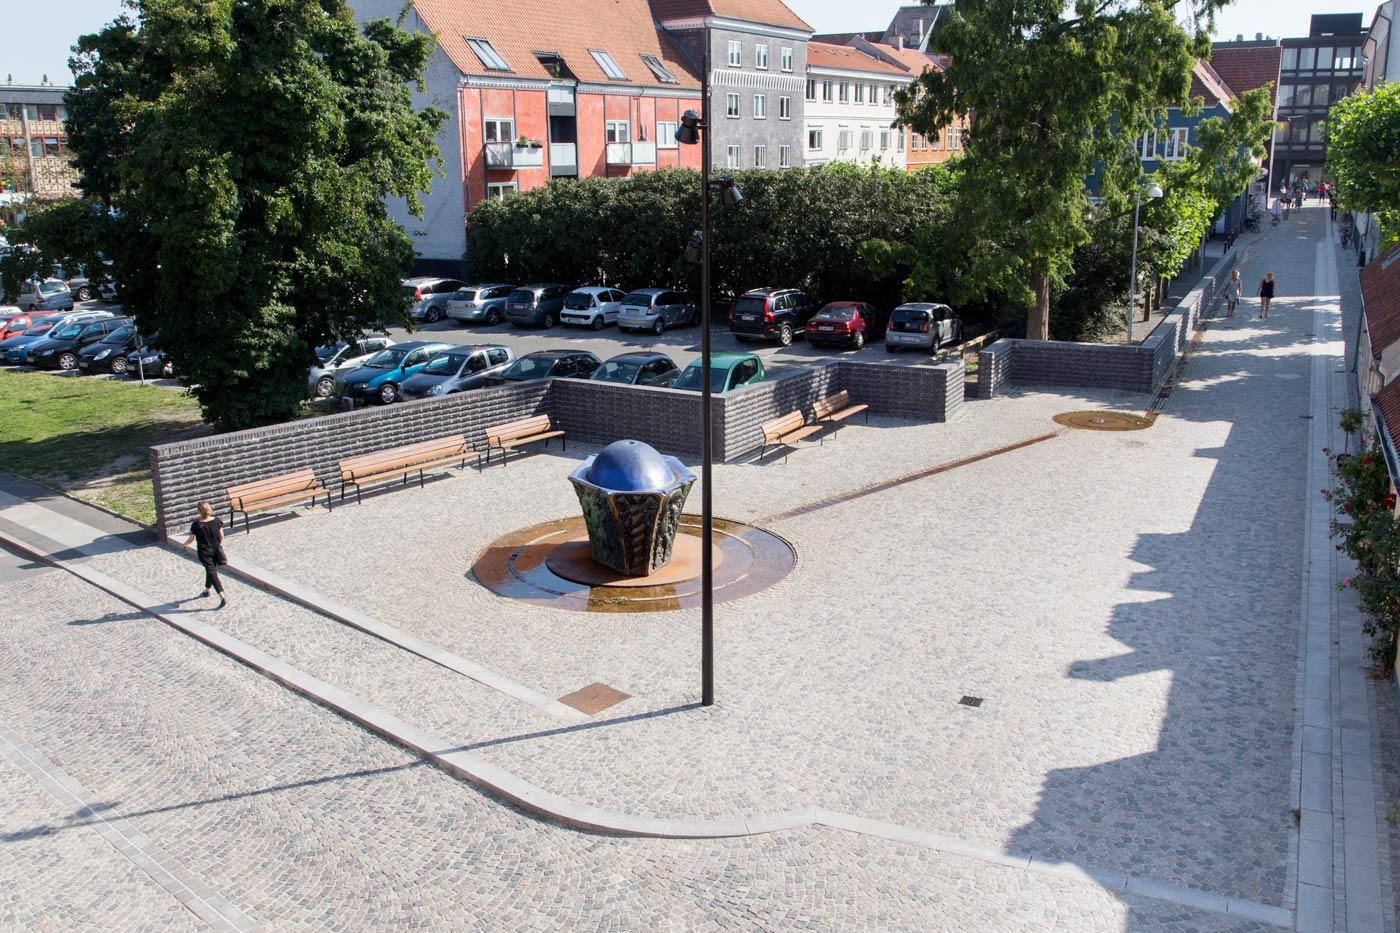 Sct Olai Square